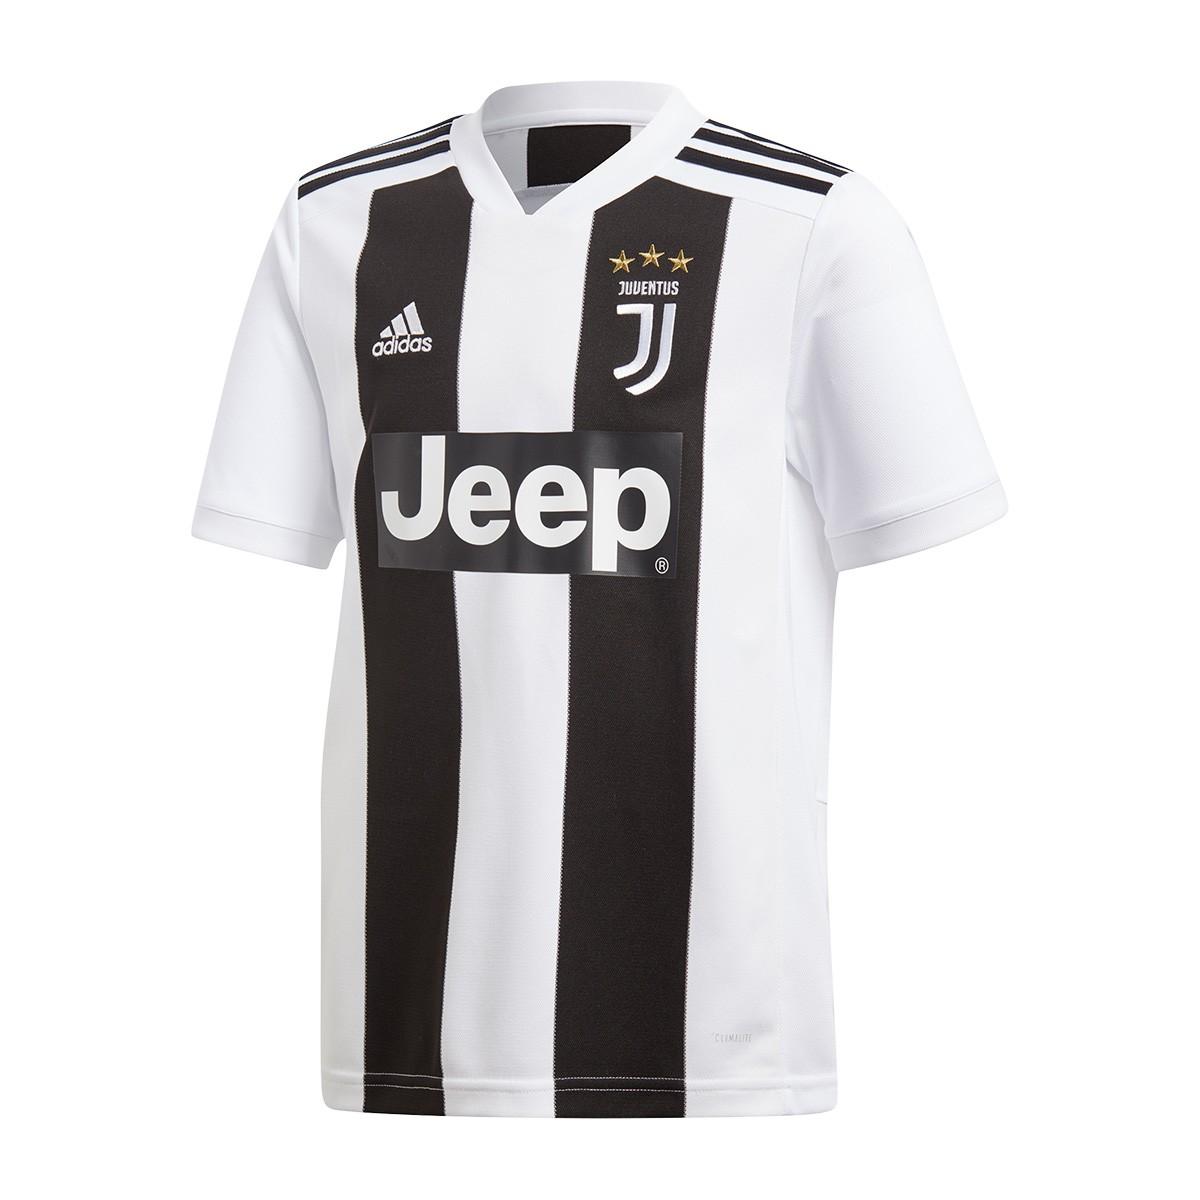 302cd83c5 Jersey adidas Kids Juventus 2018-2019 Home Black-White - Football store  Fútbol Emotion